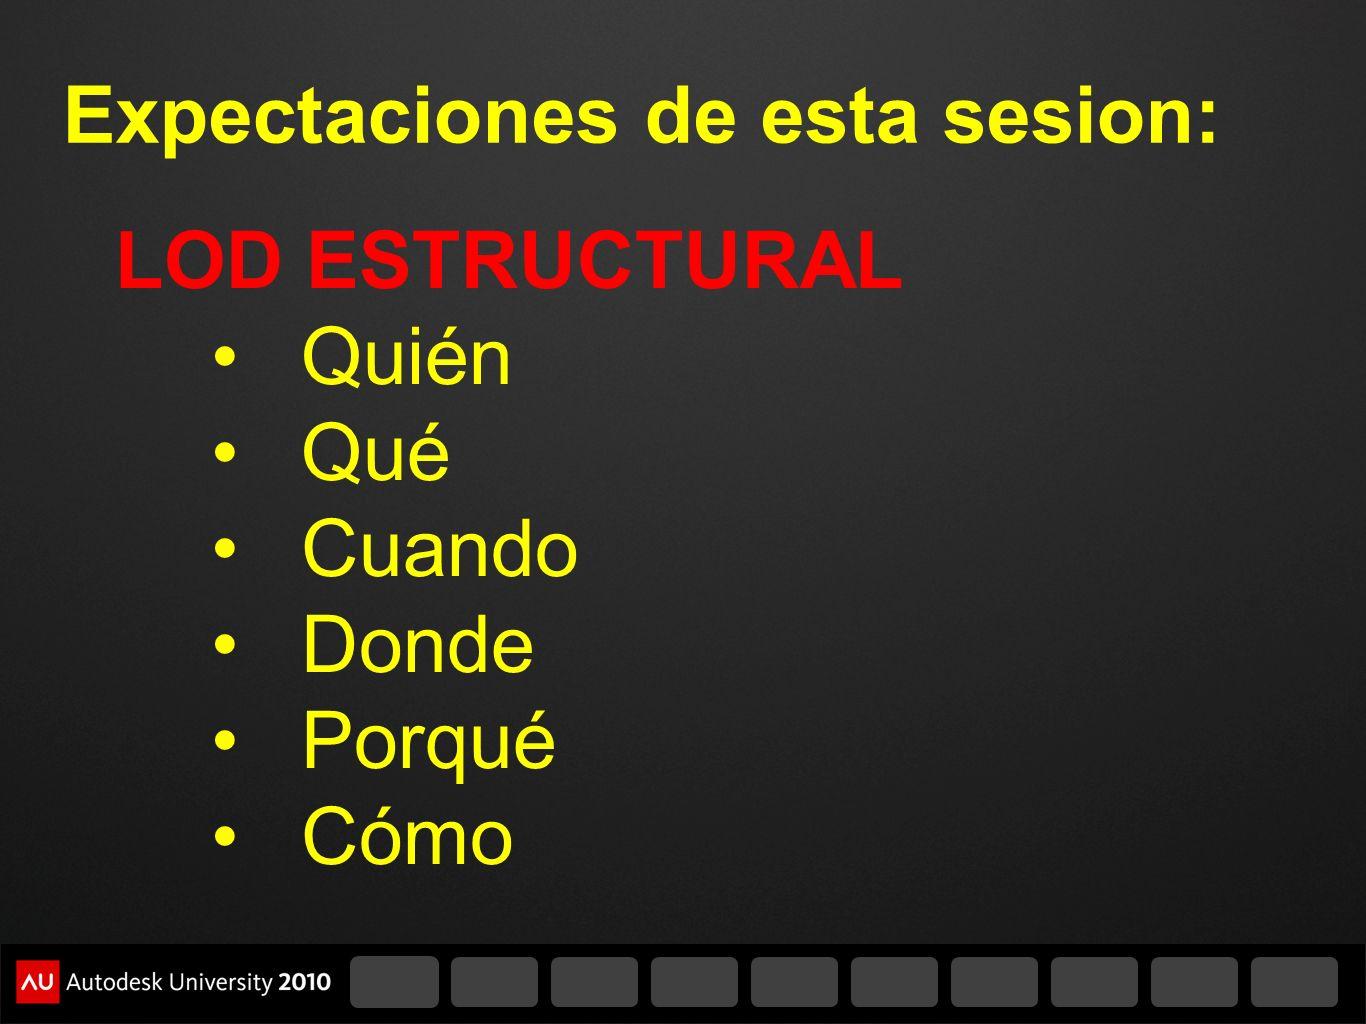 Expectaciones de esta sesion: